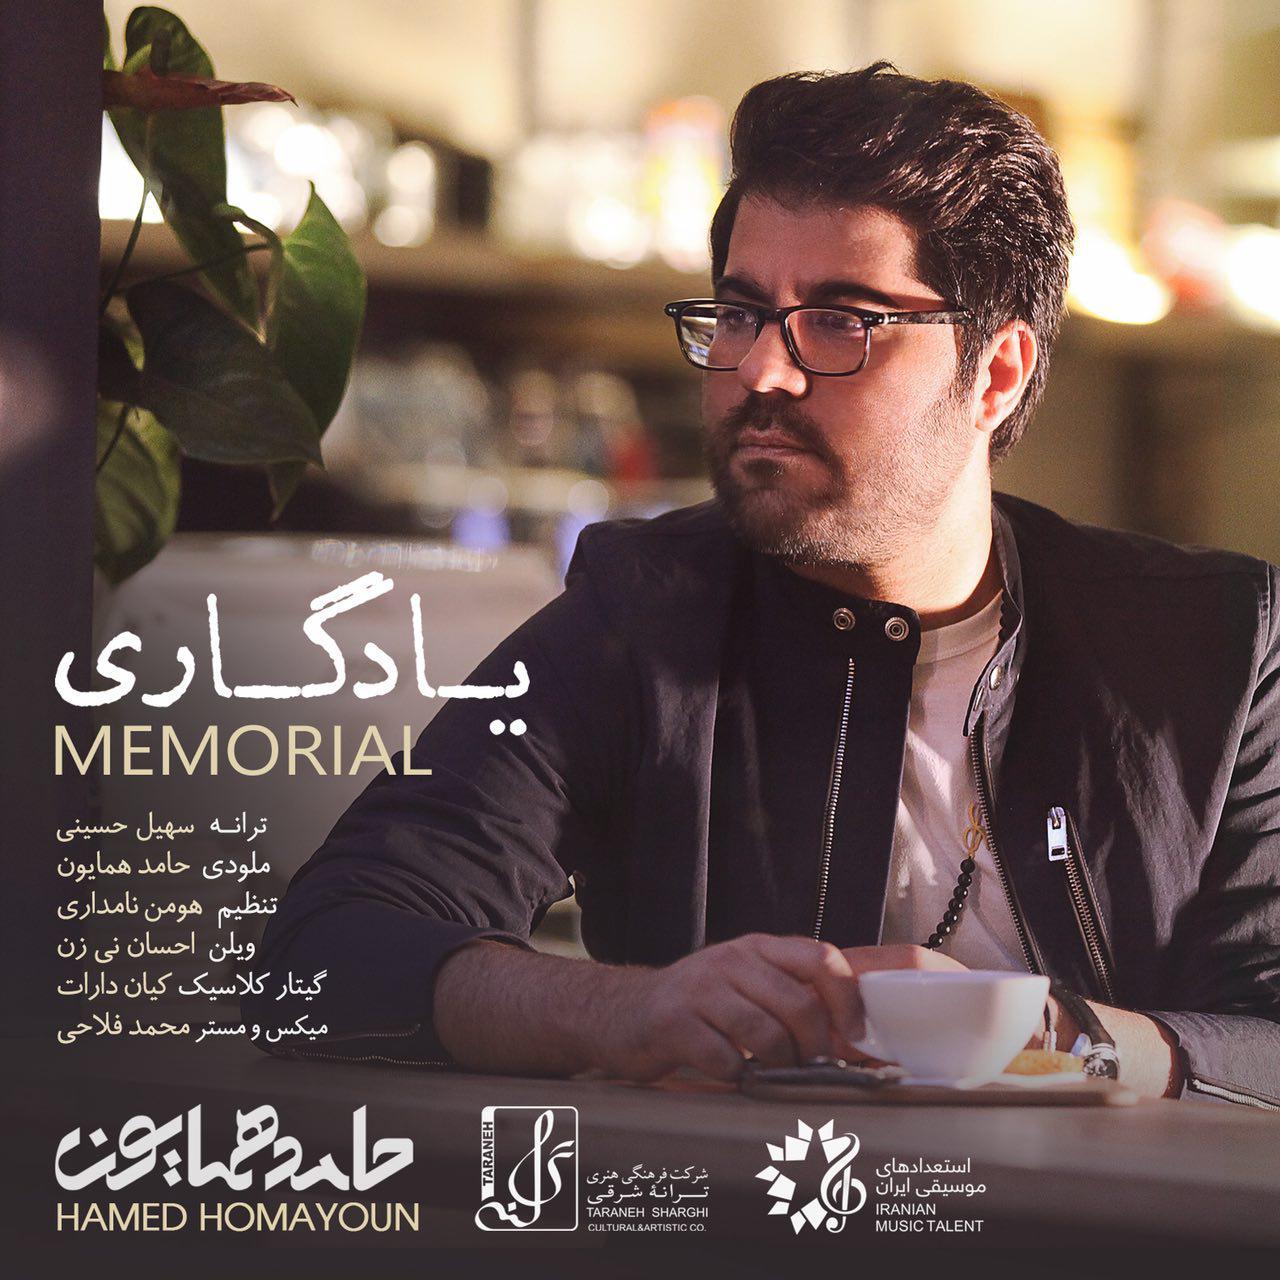 دانلود آهنگ Yadegari از Hamed Homayoun